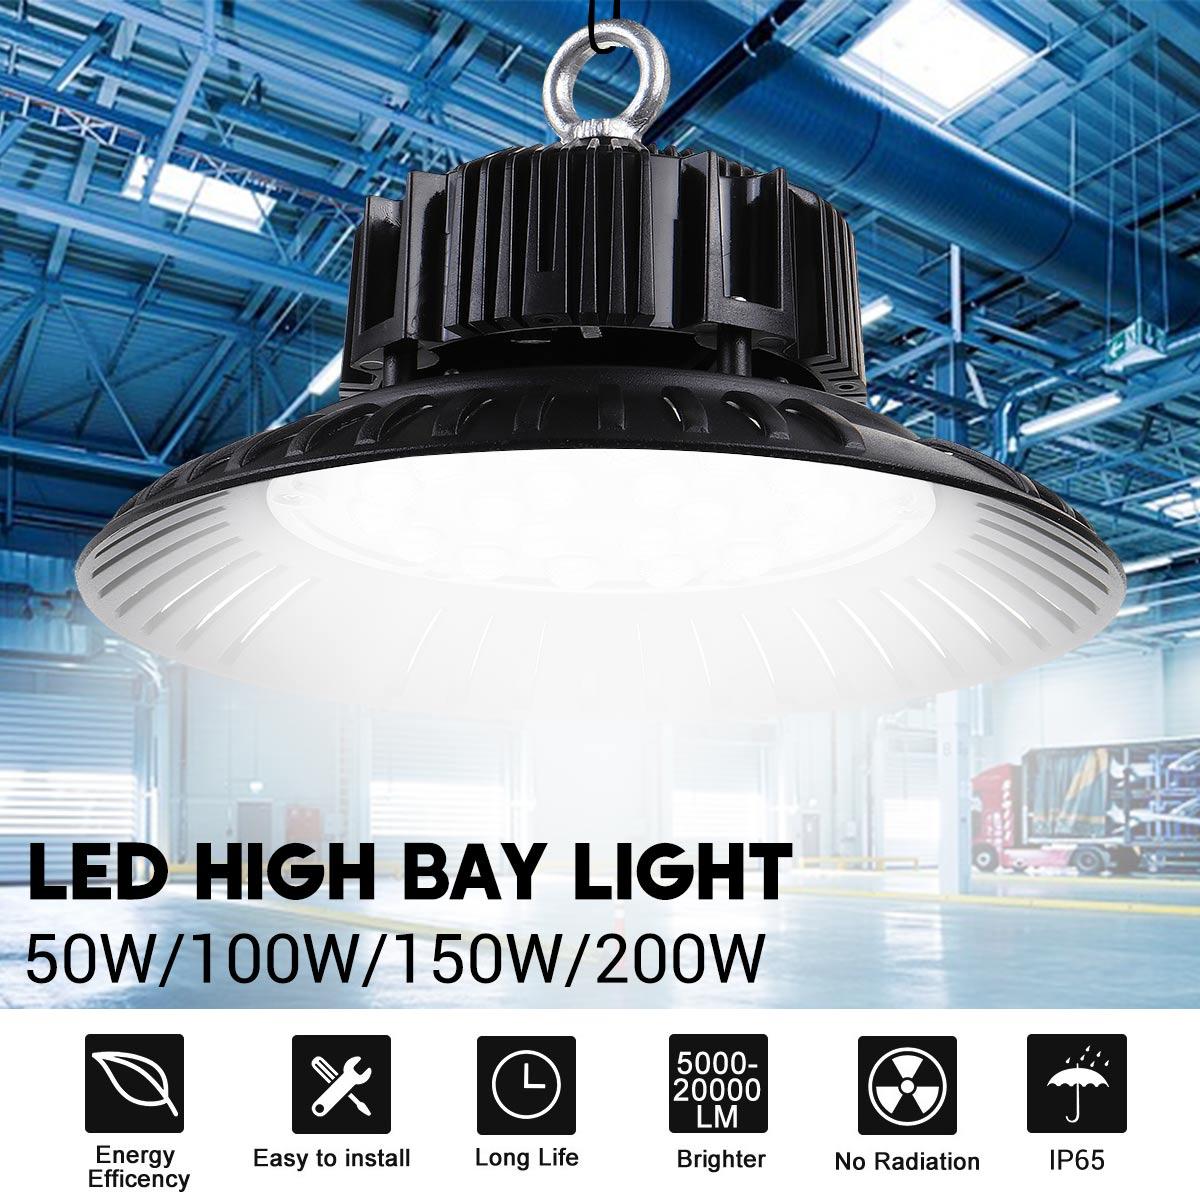 Led de alta baía luz à prova dip65 água ip65 armazém oficina garagem lâmpada industrial estádio mercado aeroporto conduziu a luz da garagem